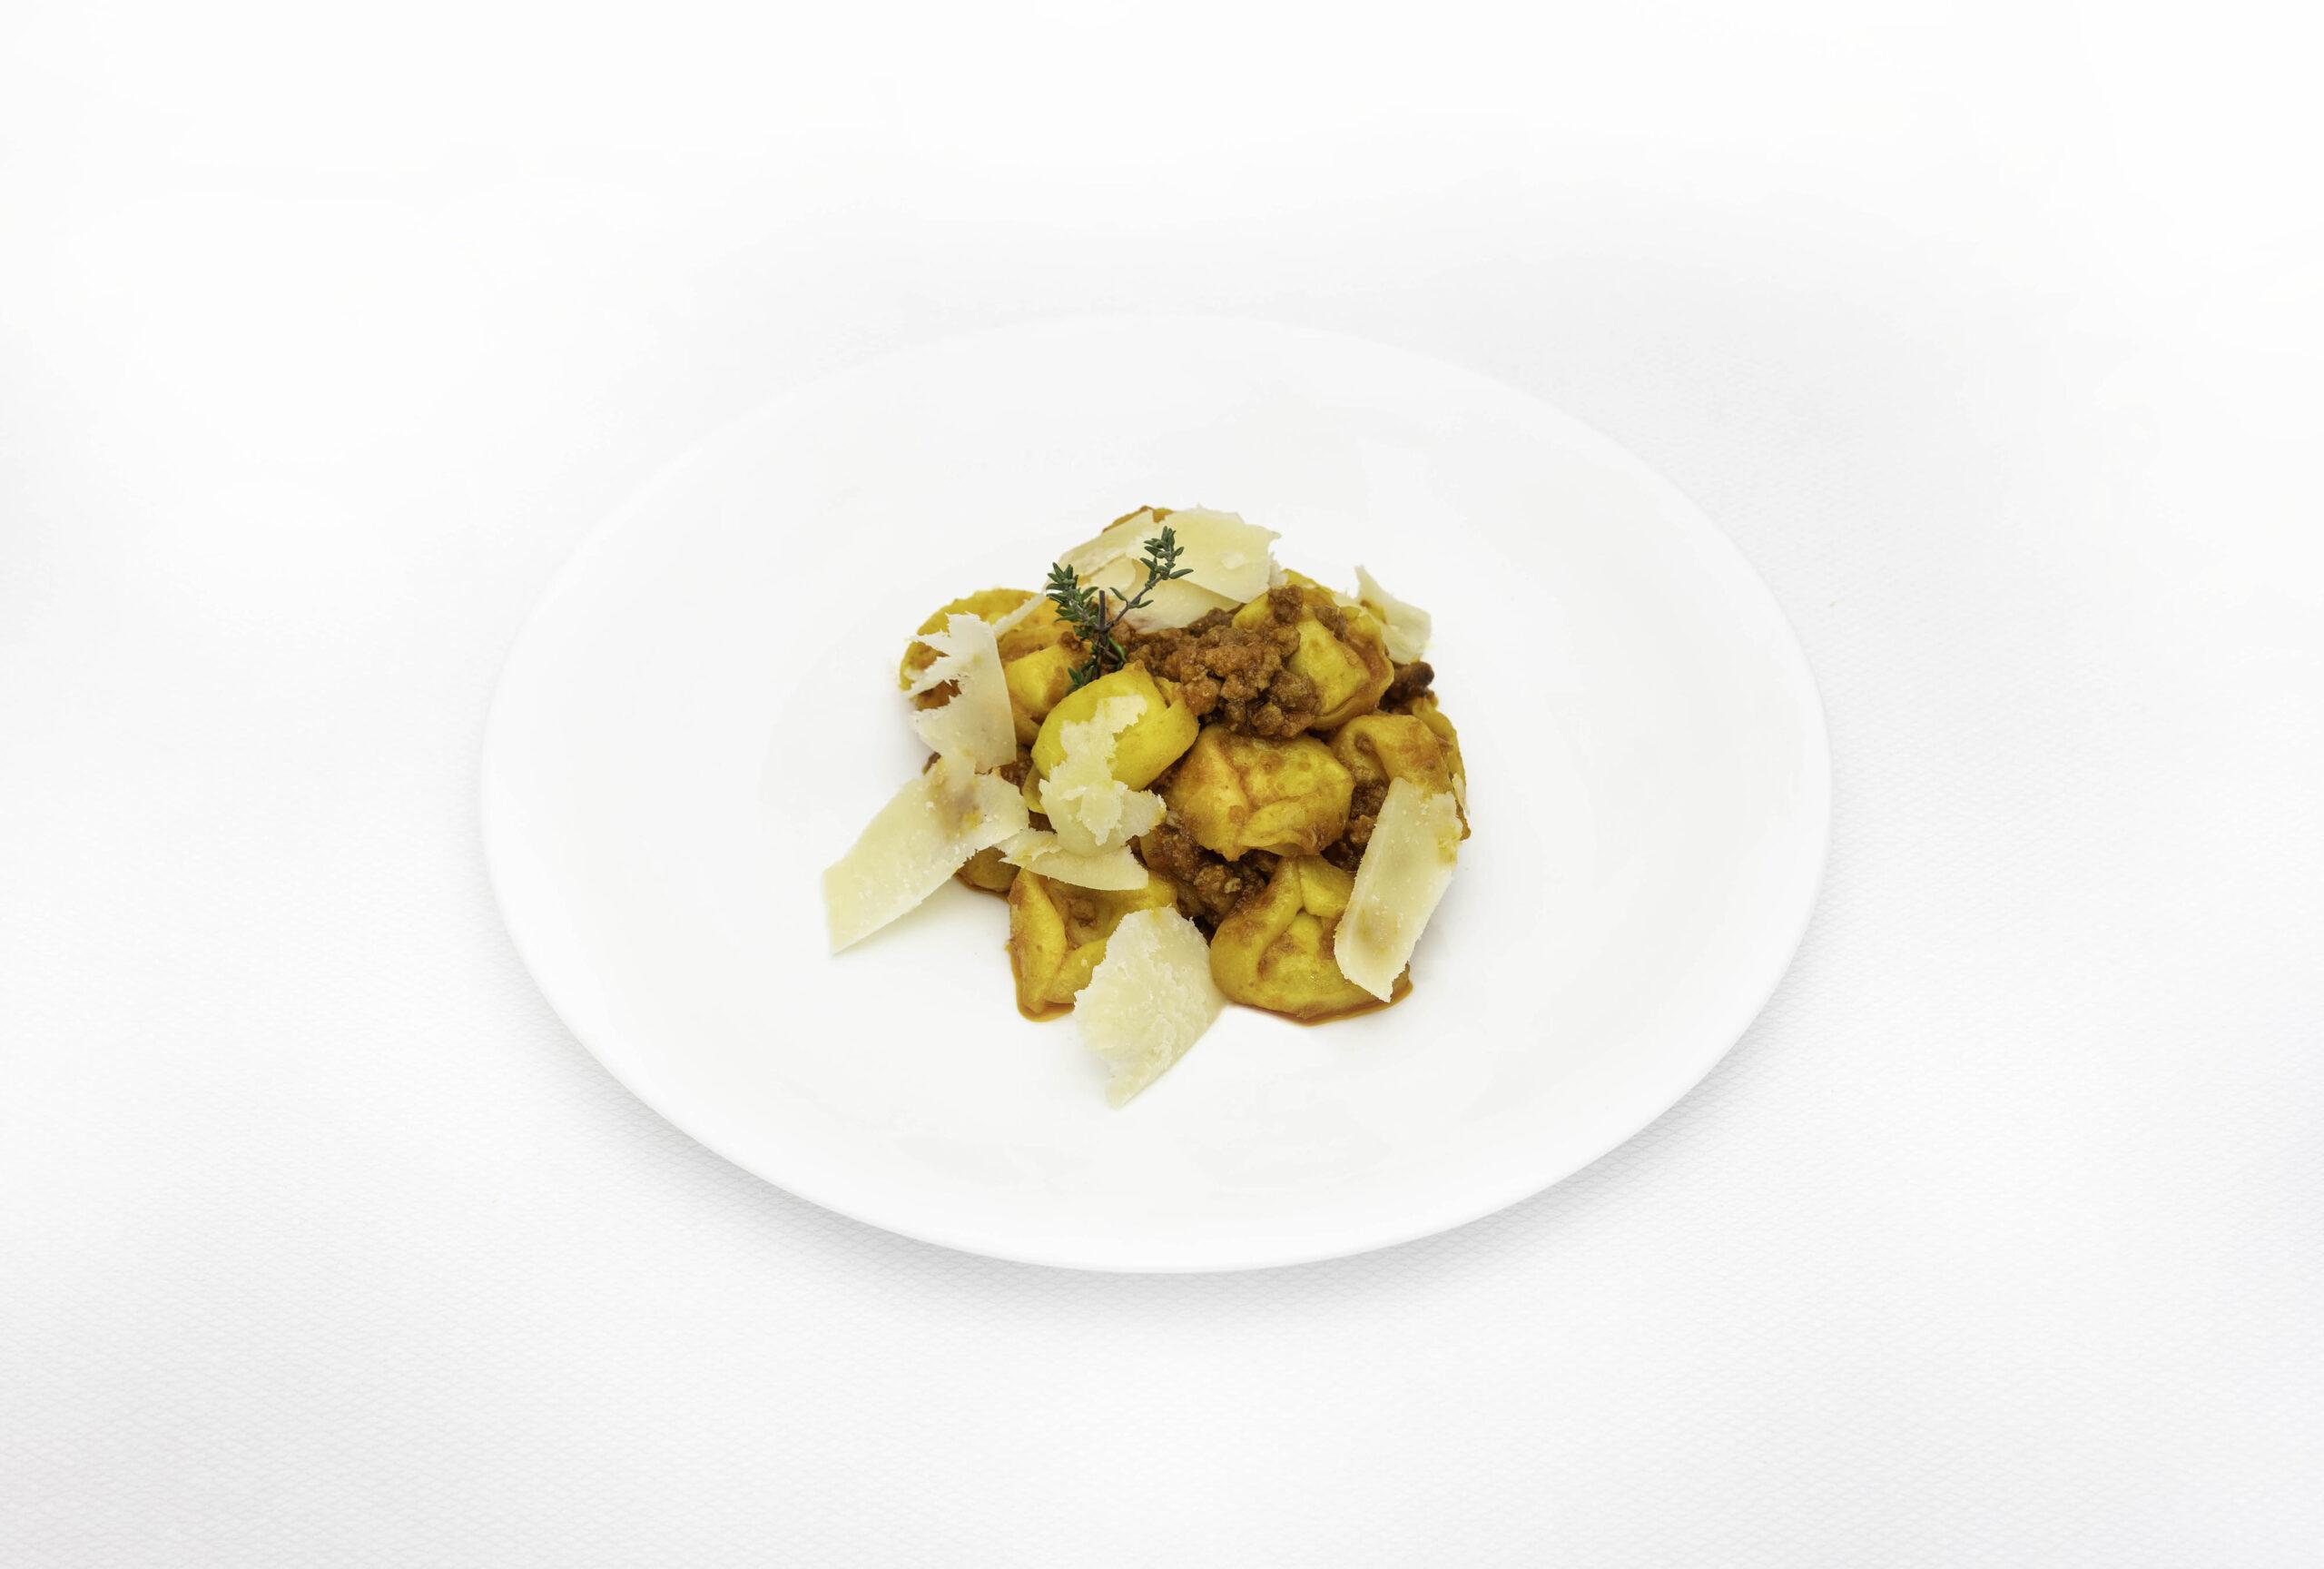 Pastifico-La-Fenice-pastificio-Cesenatico-pasta-fresca-pasta-surgelata-pasta-artigianale-Emilia-Romagna-cappelletti-al-formaggio-con-ragu-romagnolo